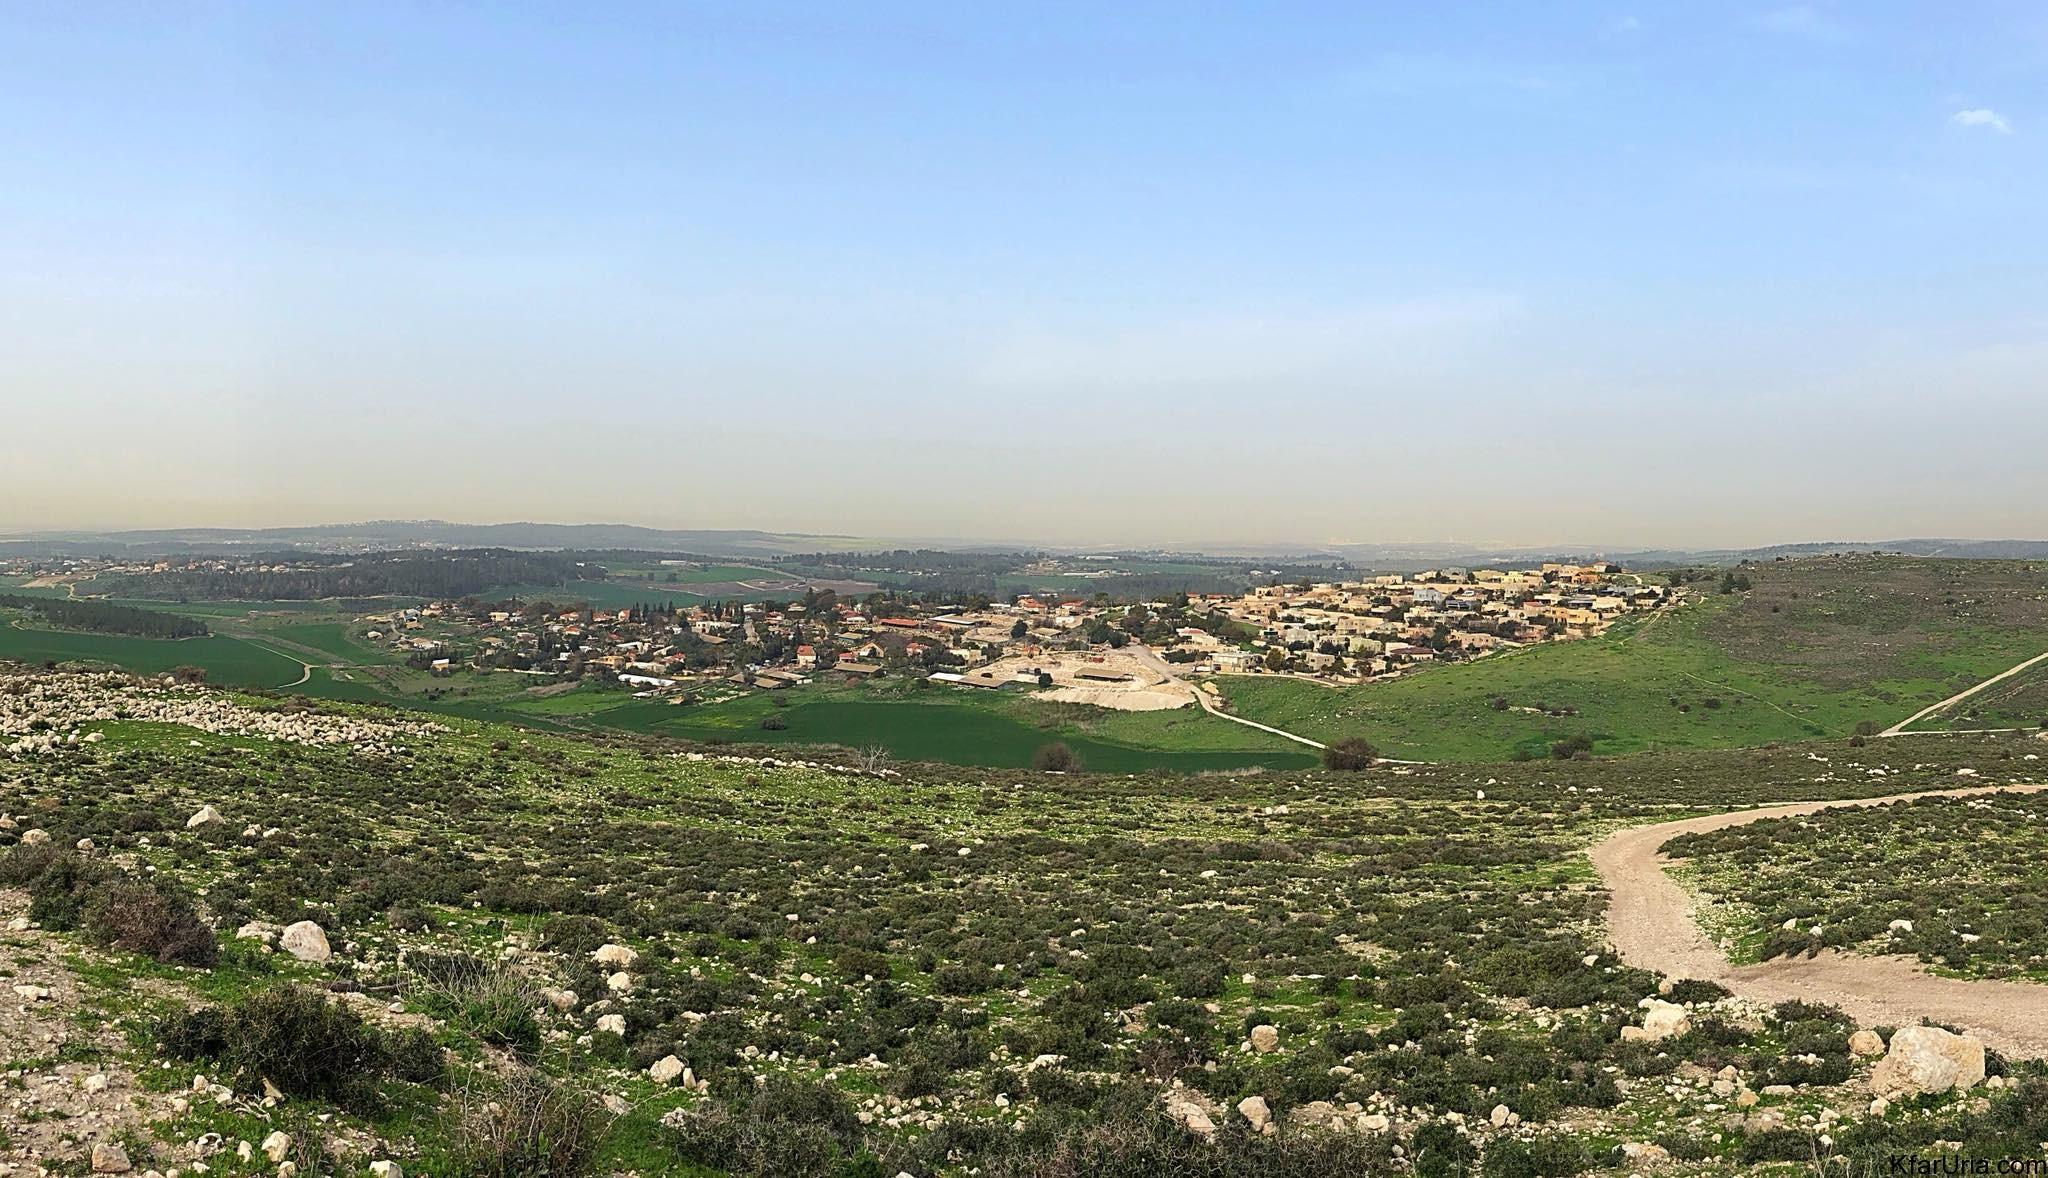 כפר אוריה בירוק פברואר 2018